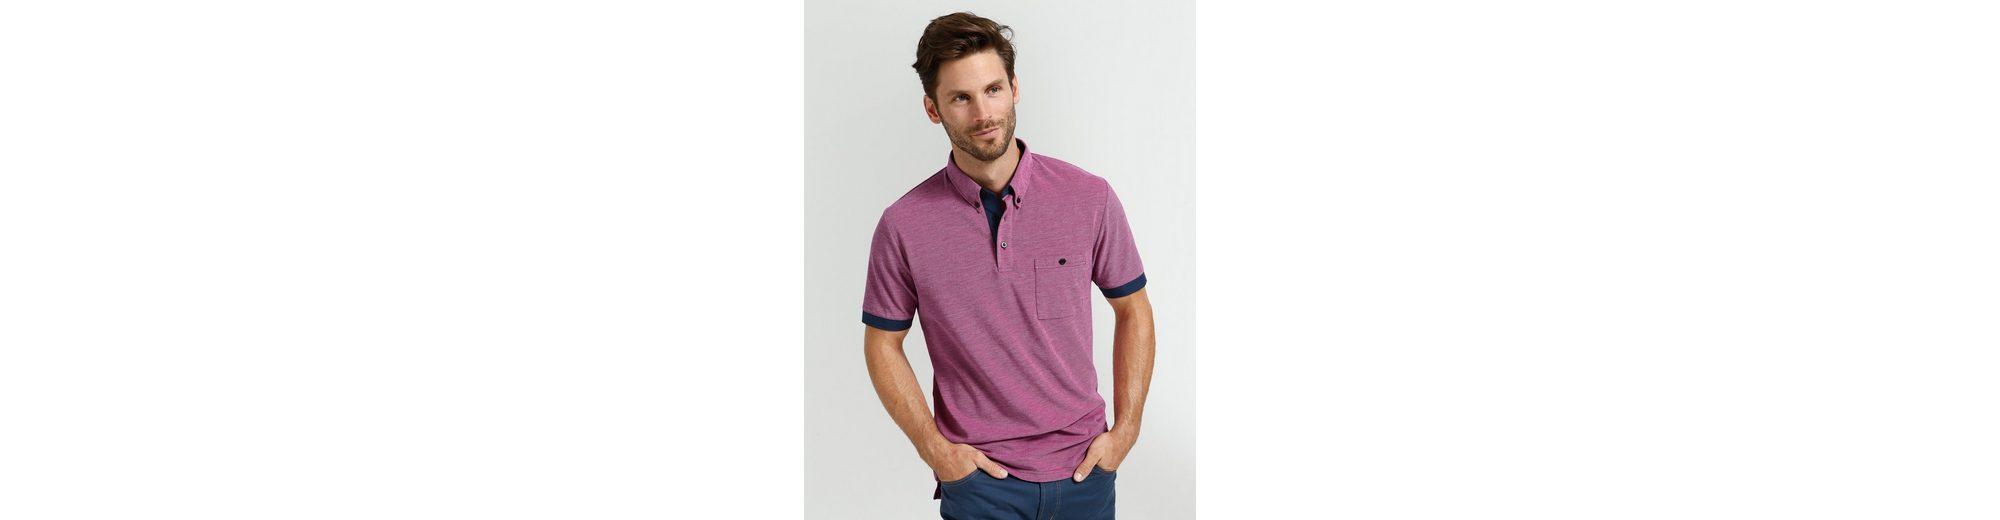 Freies Verschiffen Bequem Günstig Kaufen Vermarktbare Babista Poloshirt in zweifarbiger Optik Spielraum Finish HJrZaHE9WT